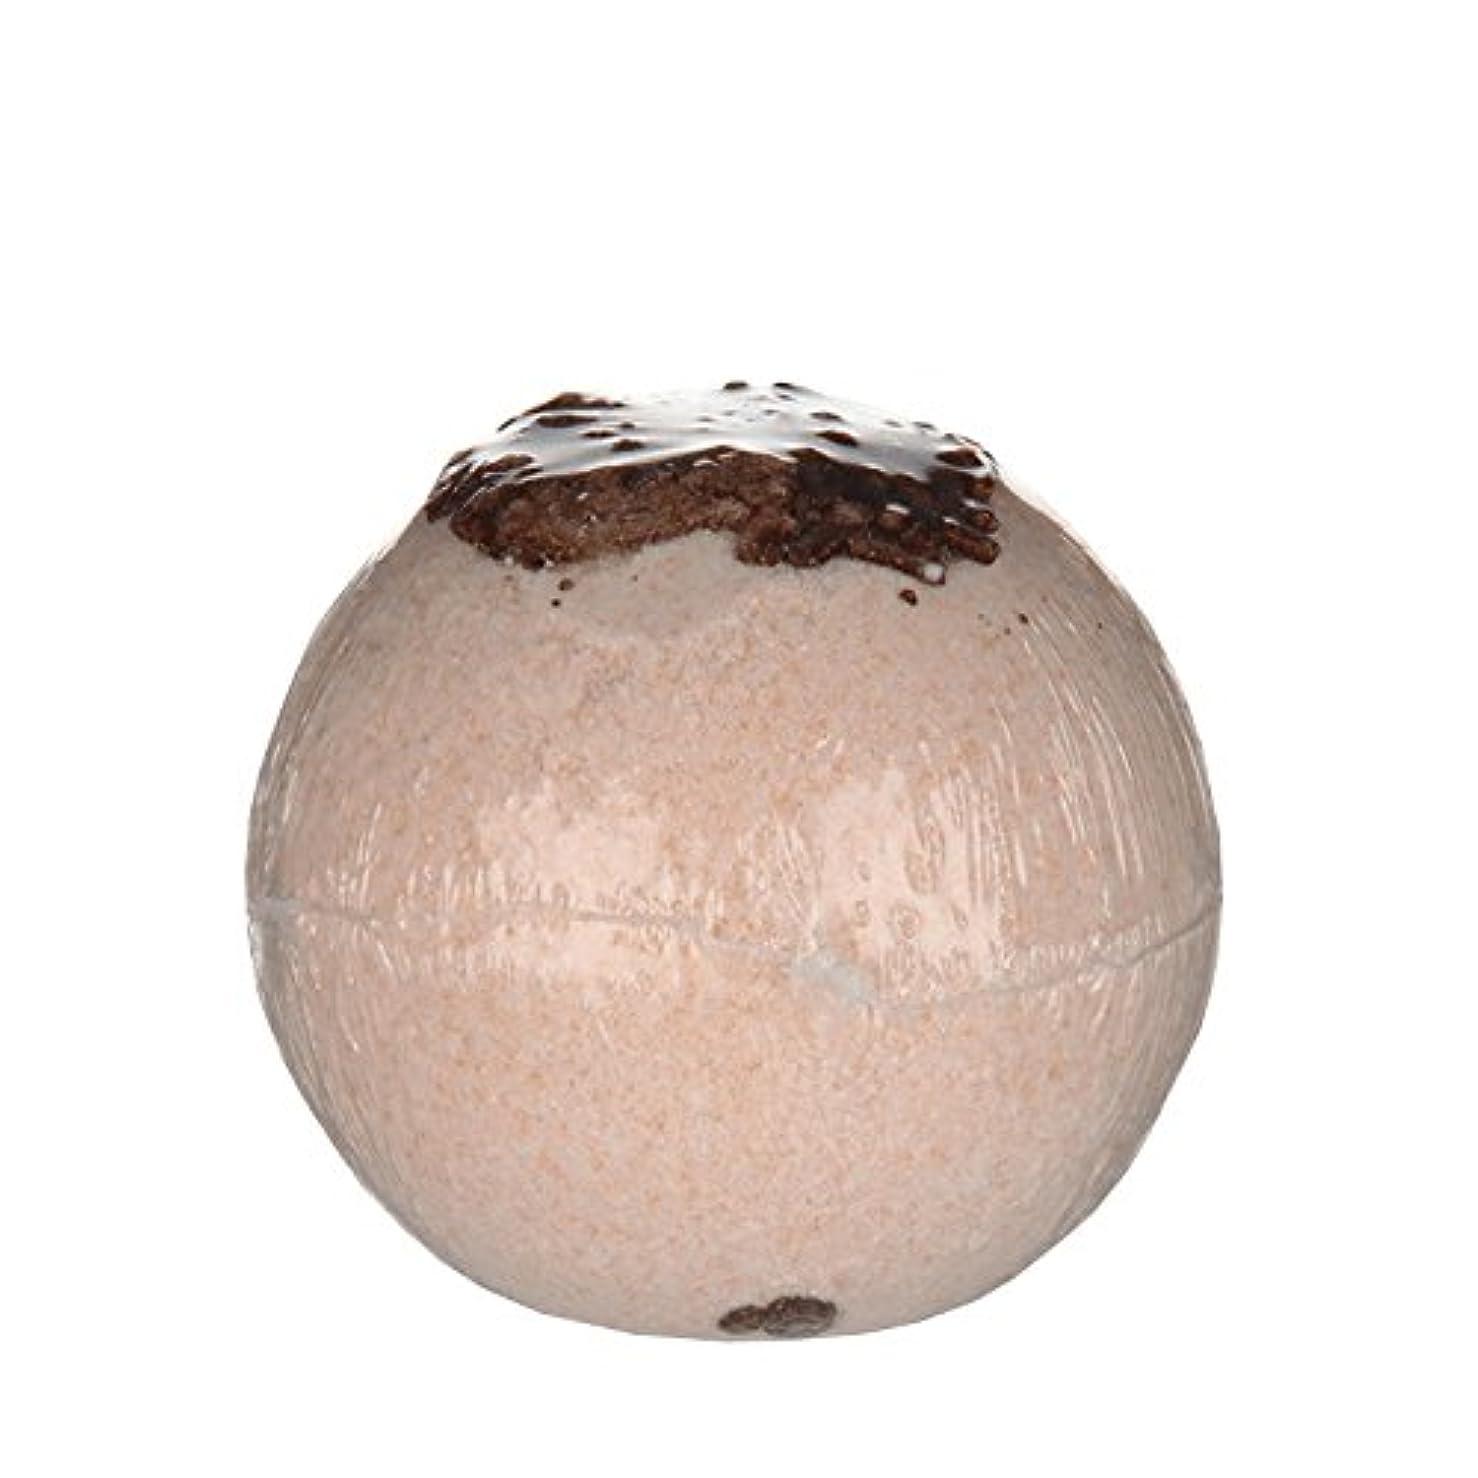 政治家時系列運搬Treetsバスボールココナッツチョコレート170グラム - Treets Bath Ball Coconut Chocolate 170g (Treets) [並行輸入品]